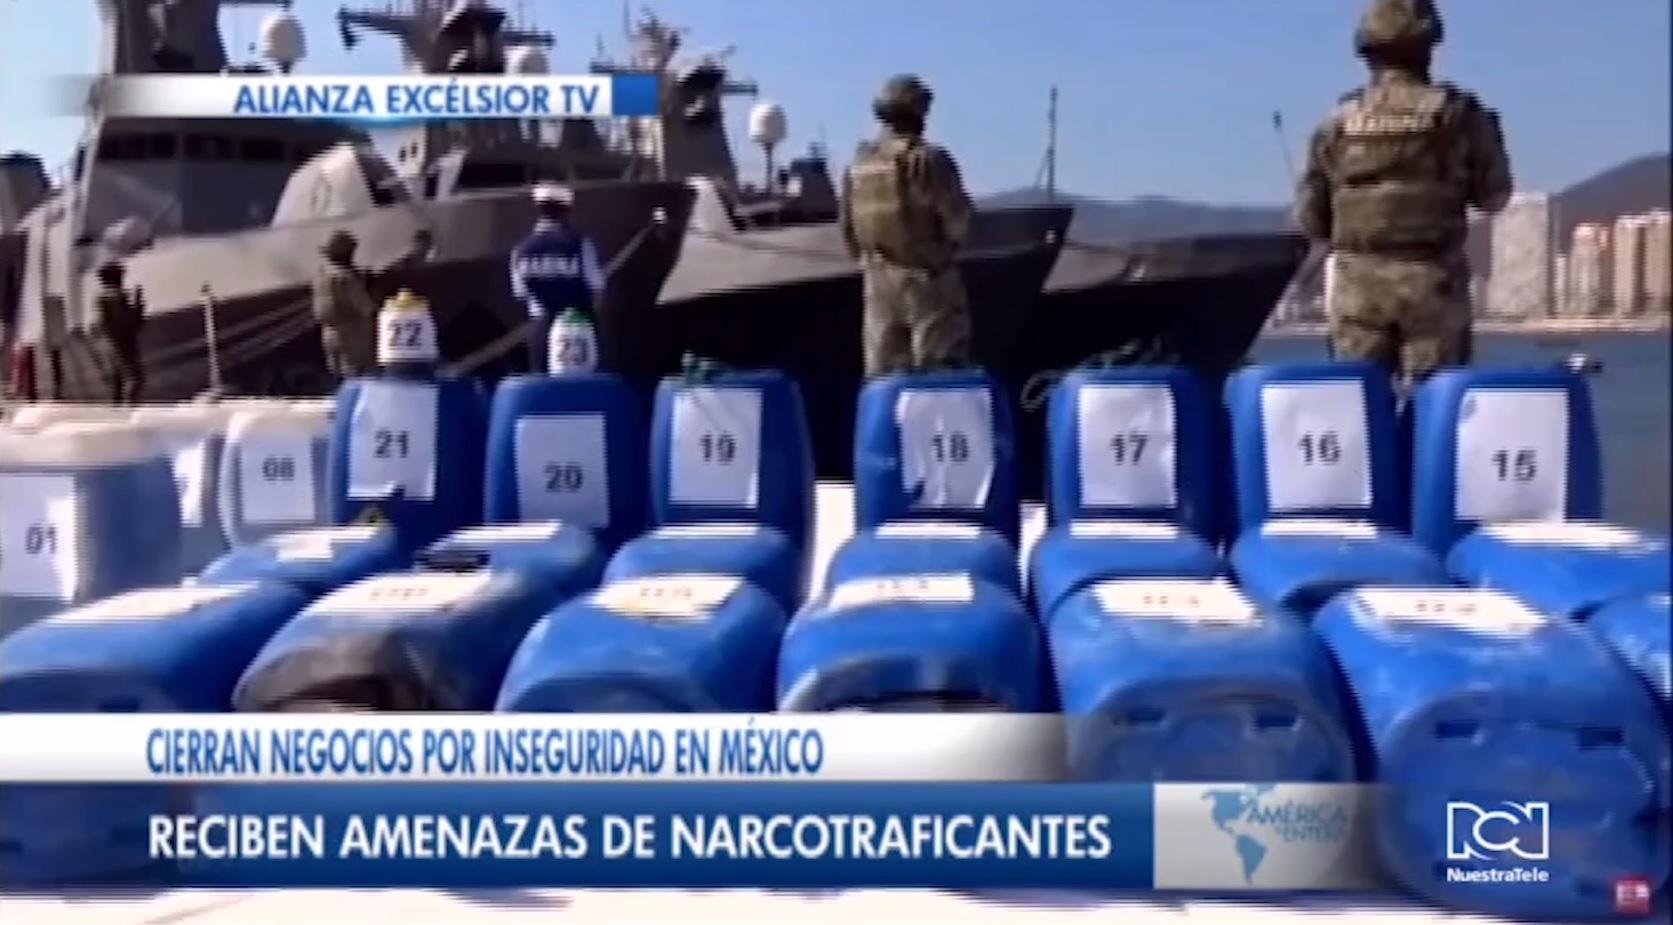 Cierran negocios por inseguridad en México